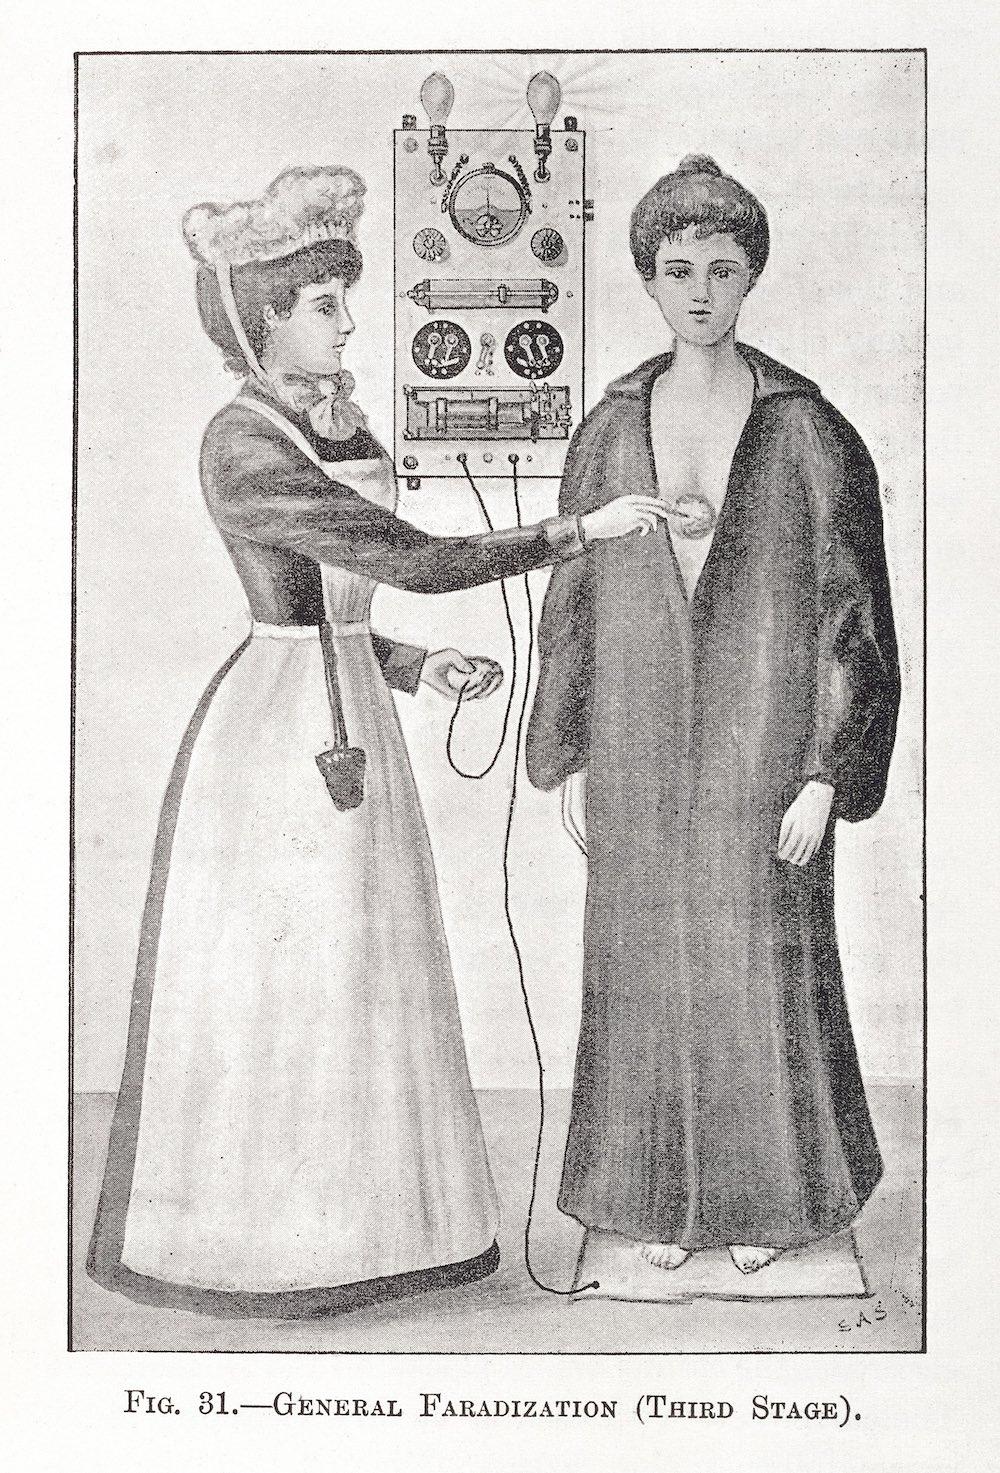 1900: il terzo stadio della General Faradization. Un'infermiera applica la corrente elettrica su una paziente tramite vibratore o elettrodi bipolari di Apostoli. – Electricity in Gynaecology, Richard J. Cowen